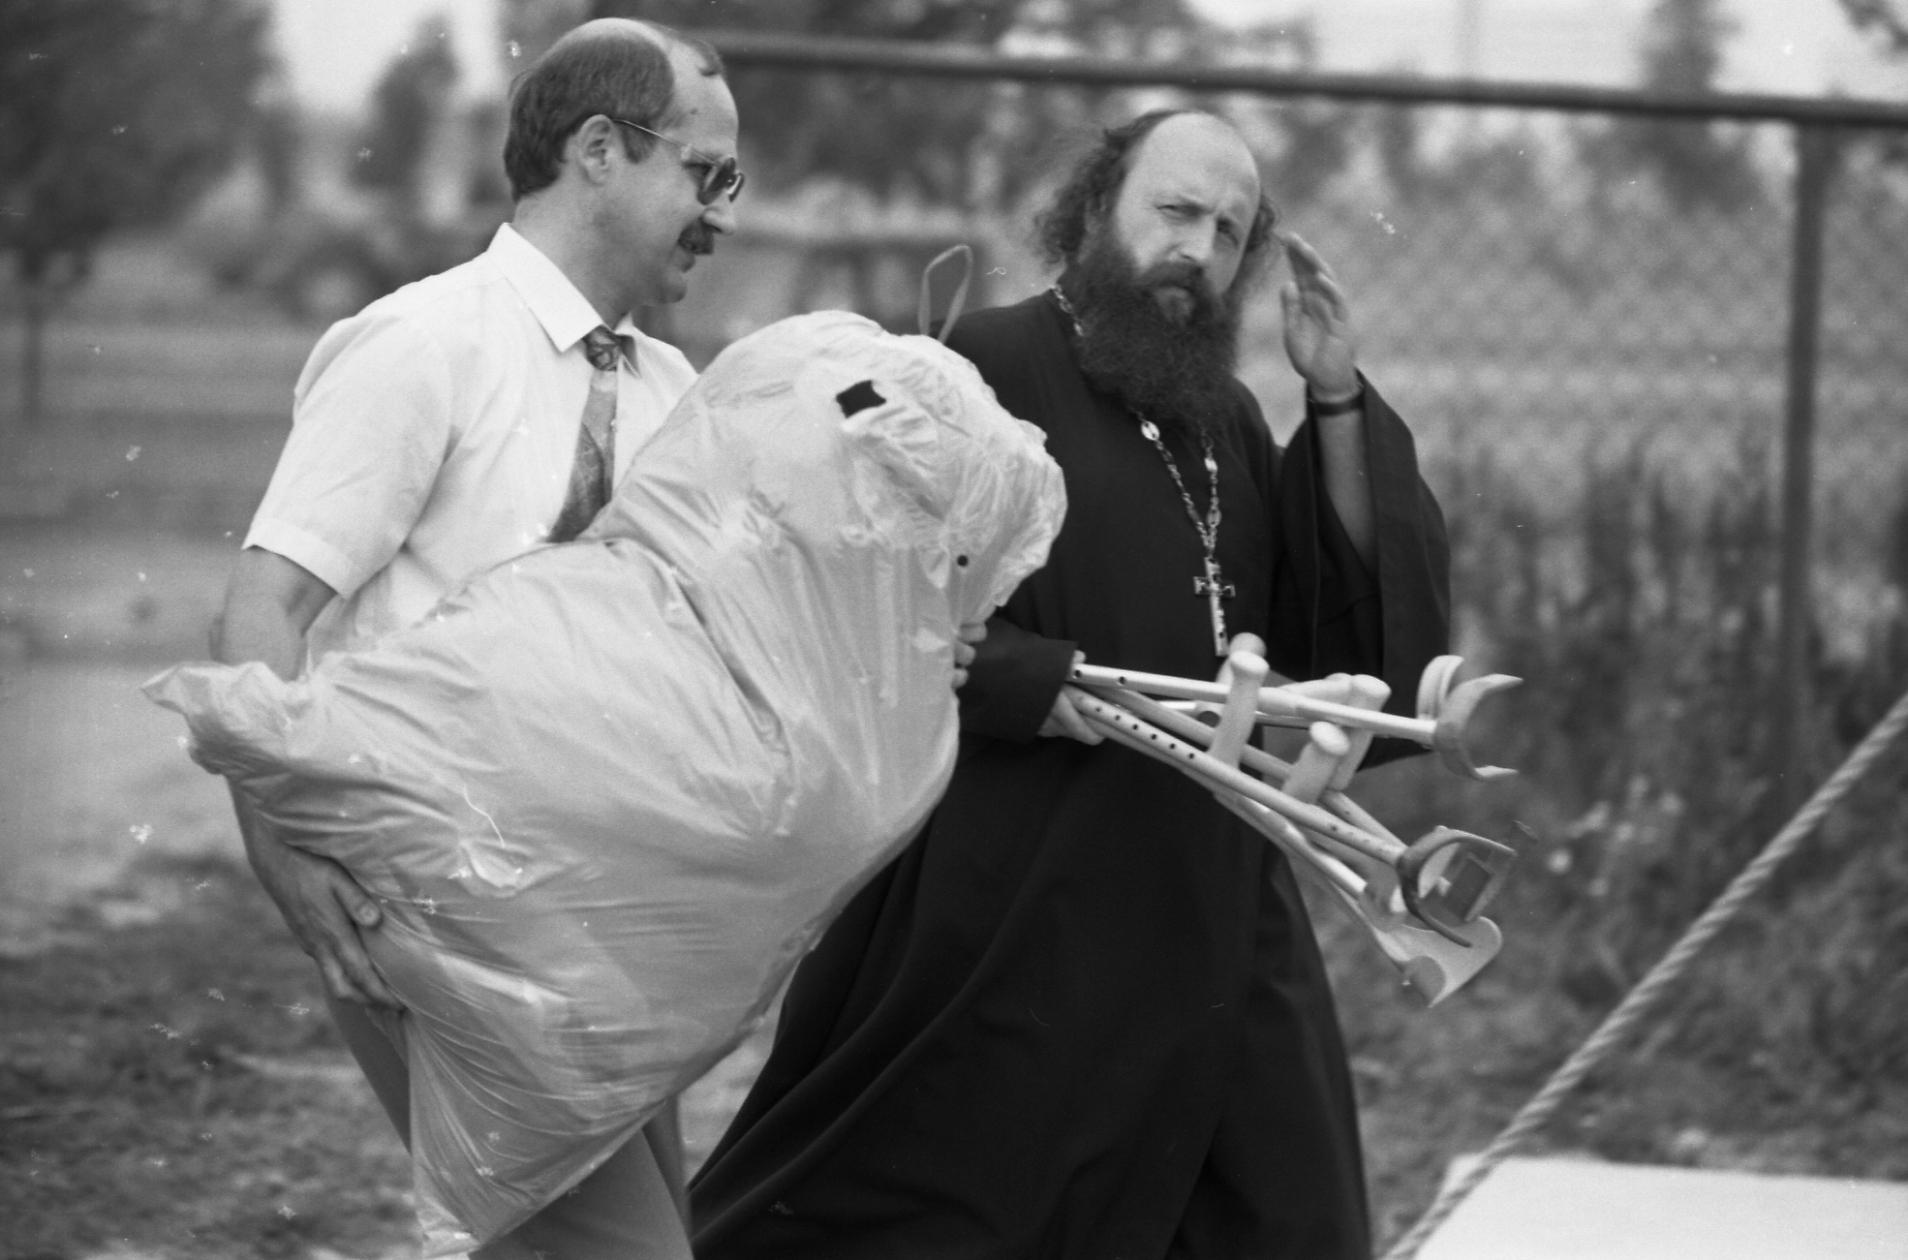 Геннадий Грушевой с гуманитарной помощью для детей, пострадавших от чернобыльской катастрофы. Фото Белорусского государственного архива кинофотофонодокументов